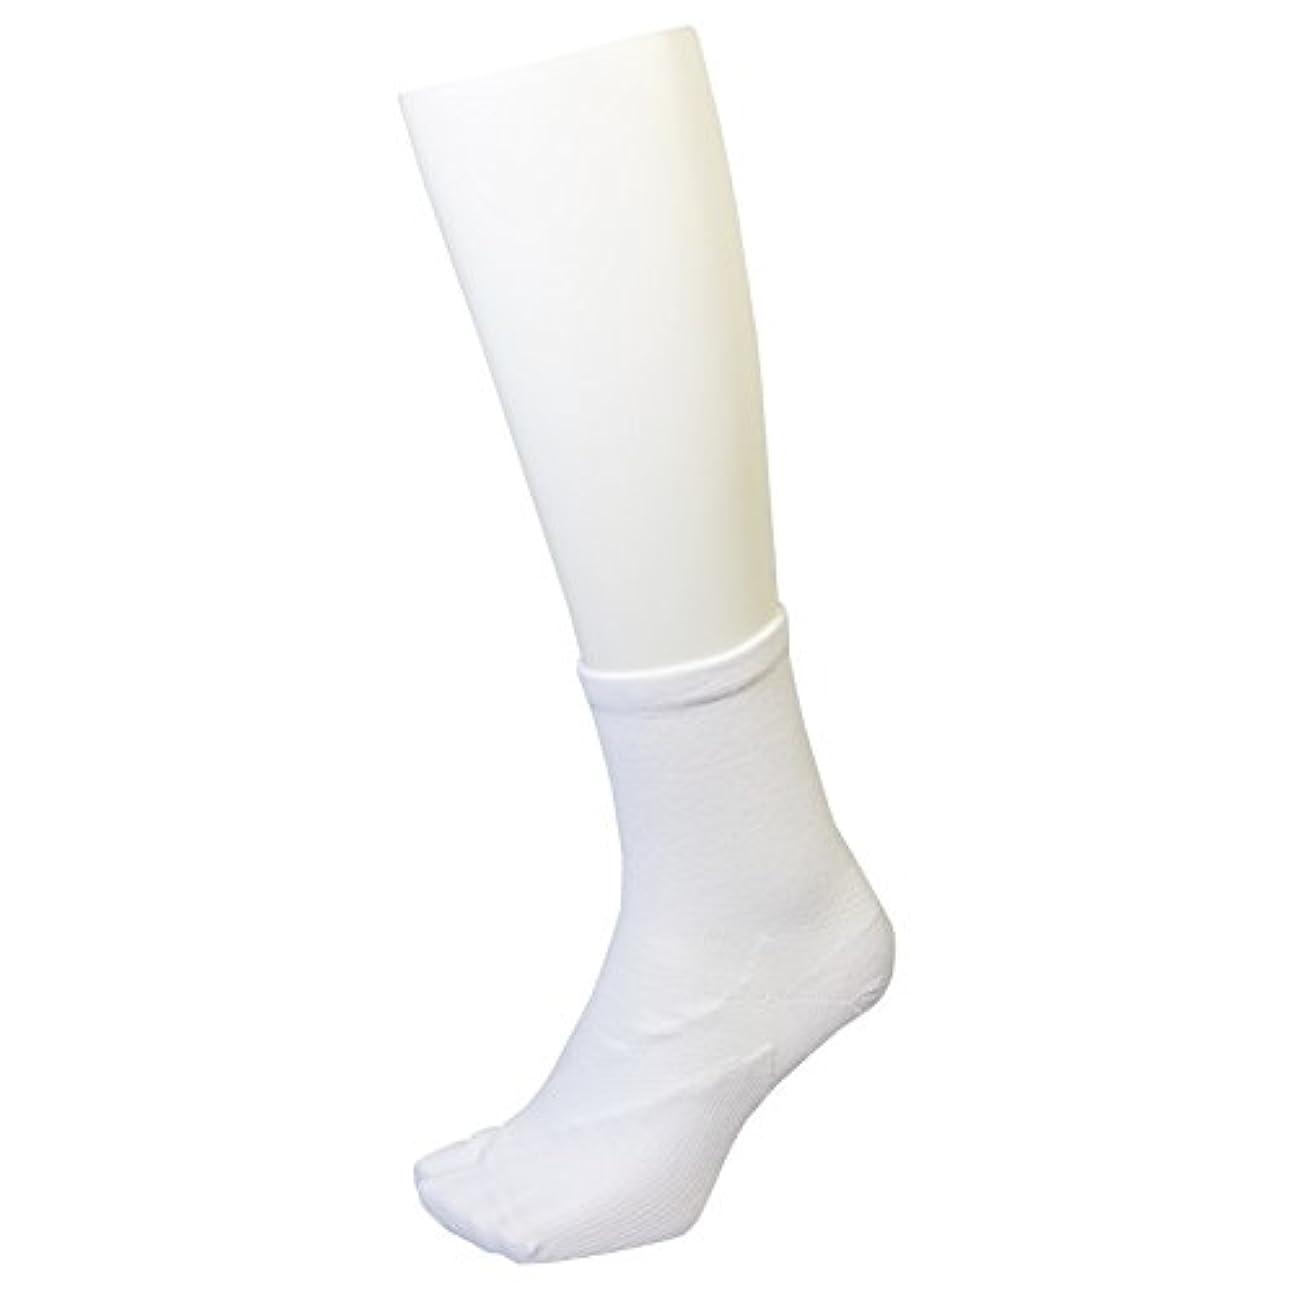 効率答えタイトさとう式 フレクサーソックス クルー 白 (L) 足袋型